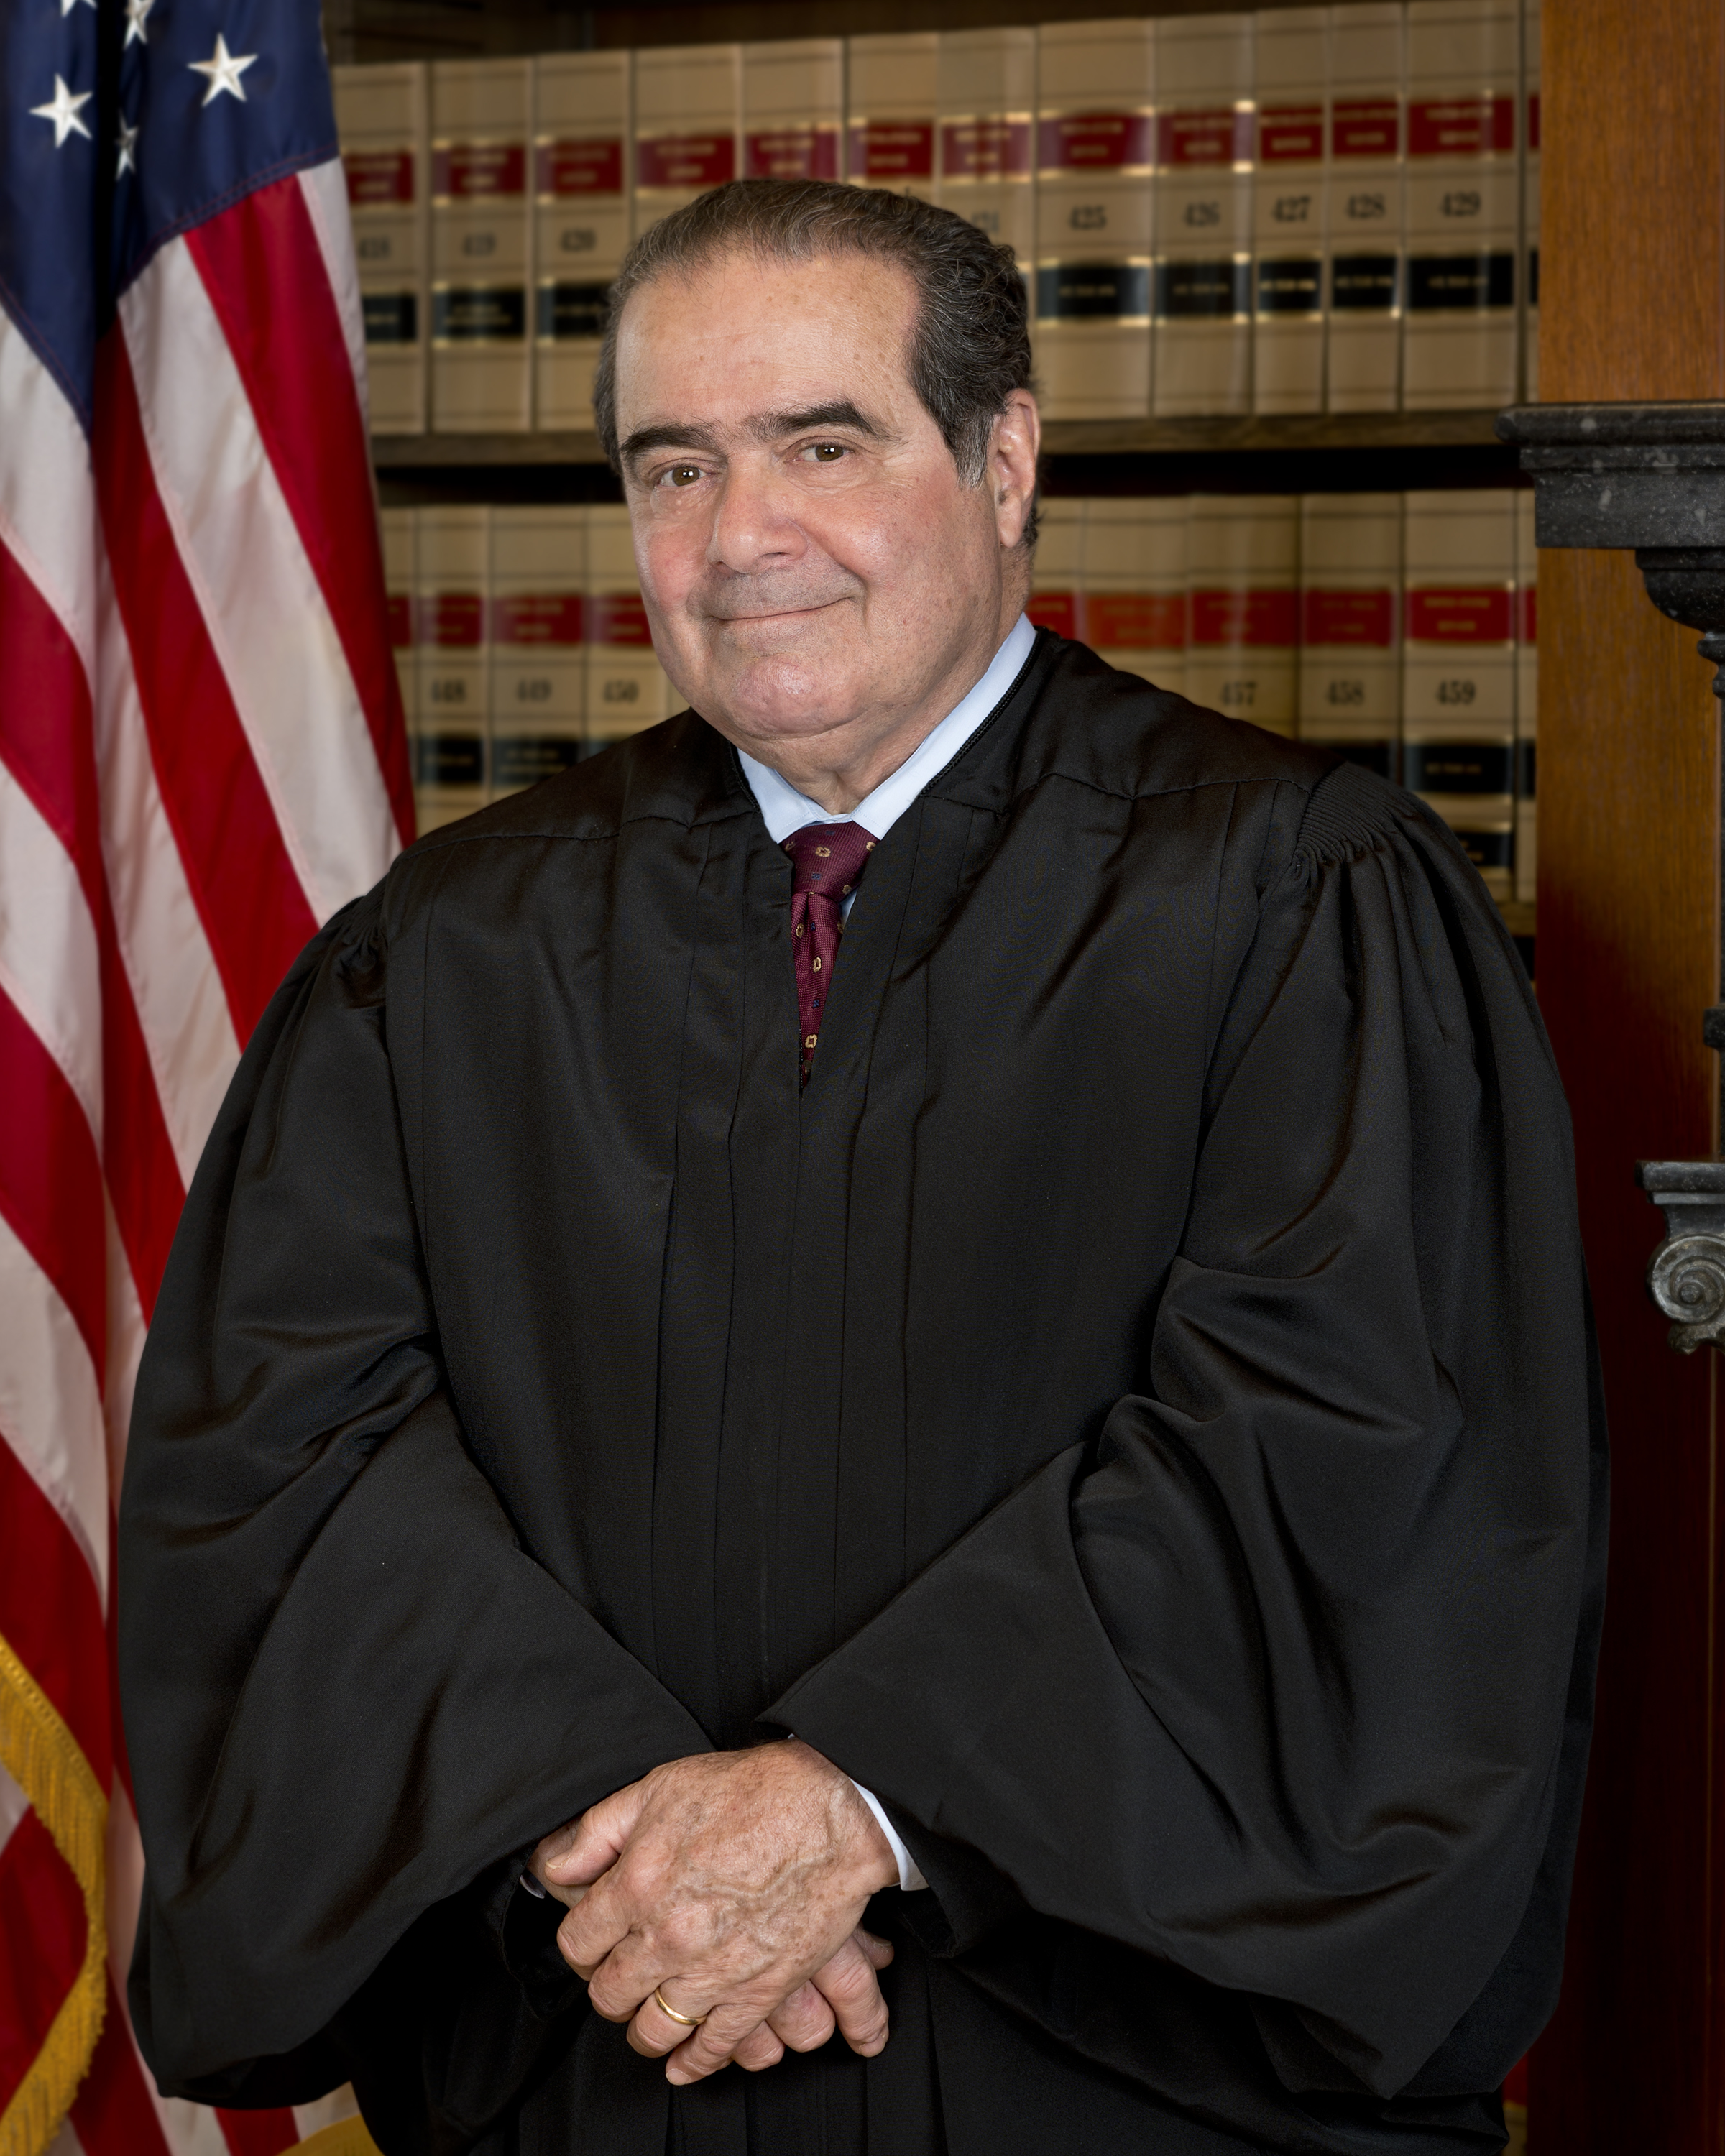 Veja o que saiu no Migalhas sobre Antonin Scalia